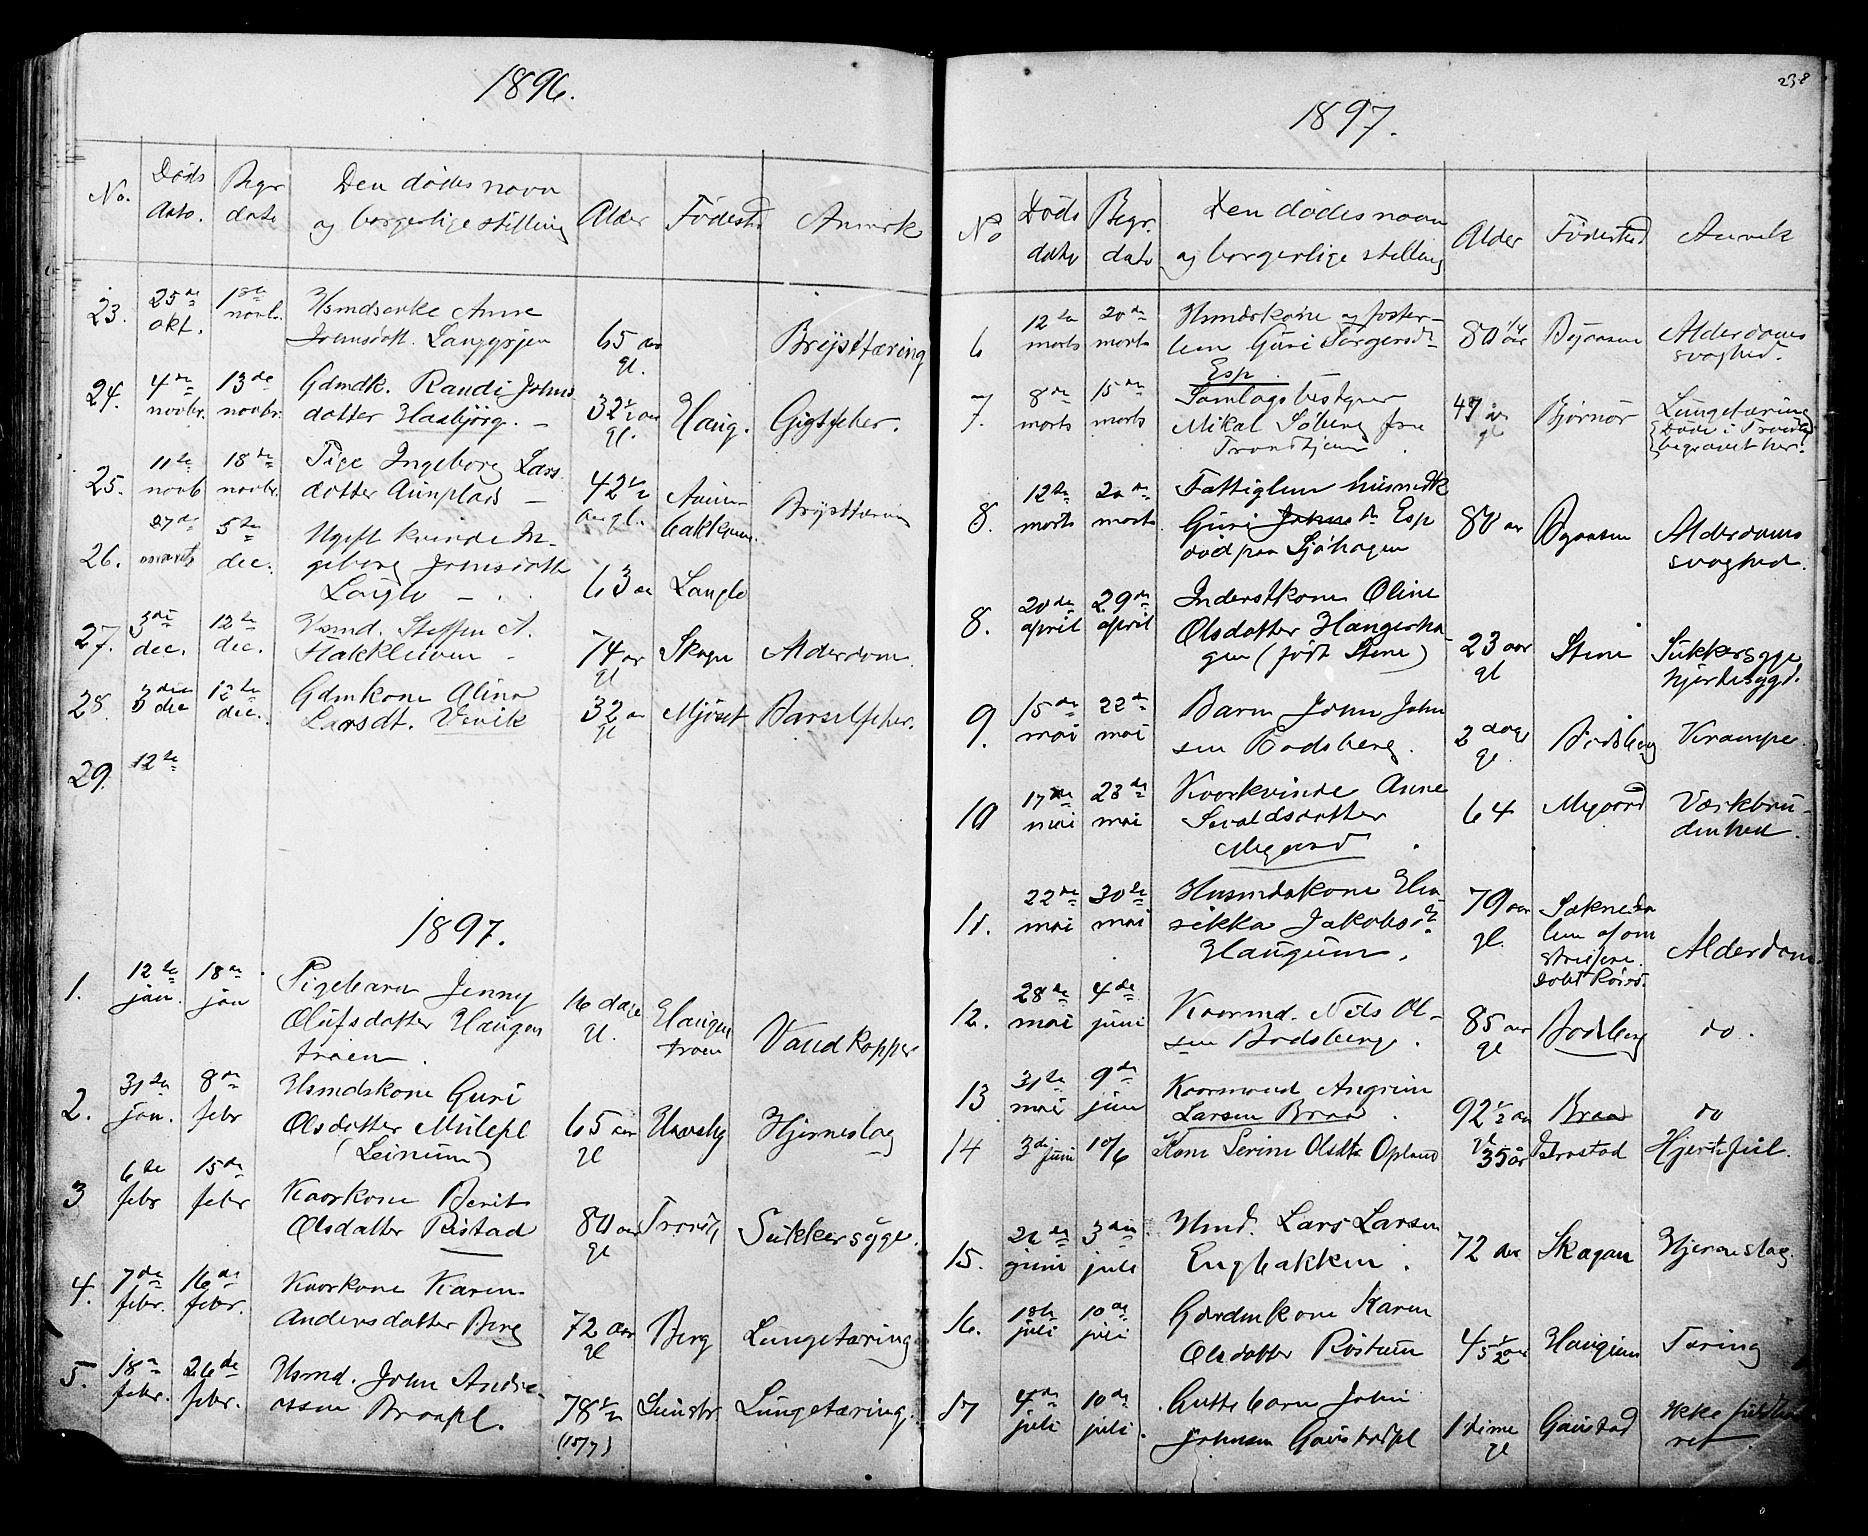 SAT, Ministerialprotokoller, klokkerbøker og fødselsregistre - Sør-Trøndelag, 612/L0387: Klokkerbok nr. 612C03, 1874-1908, s. 238